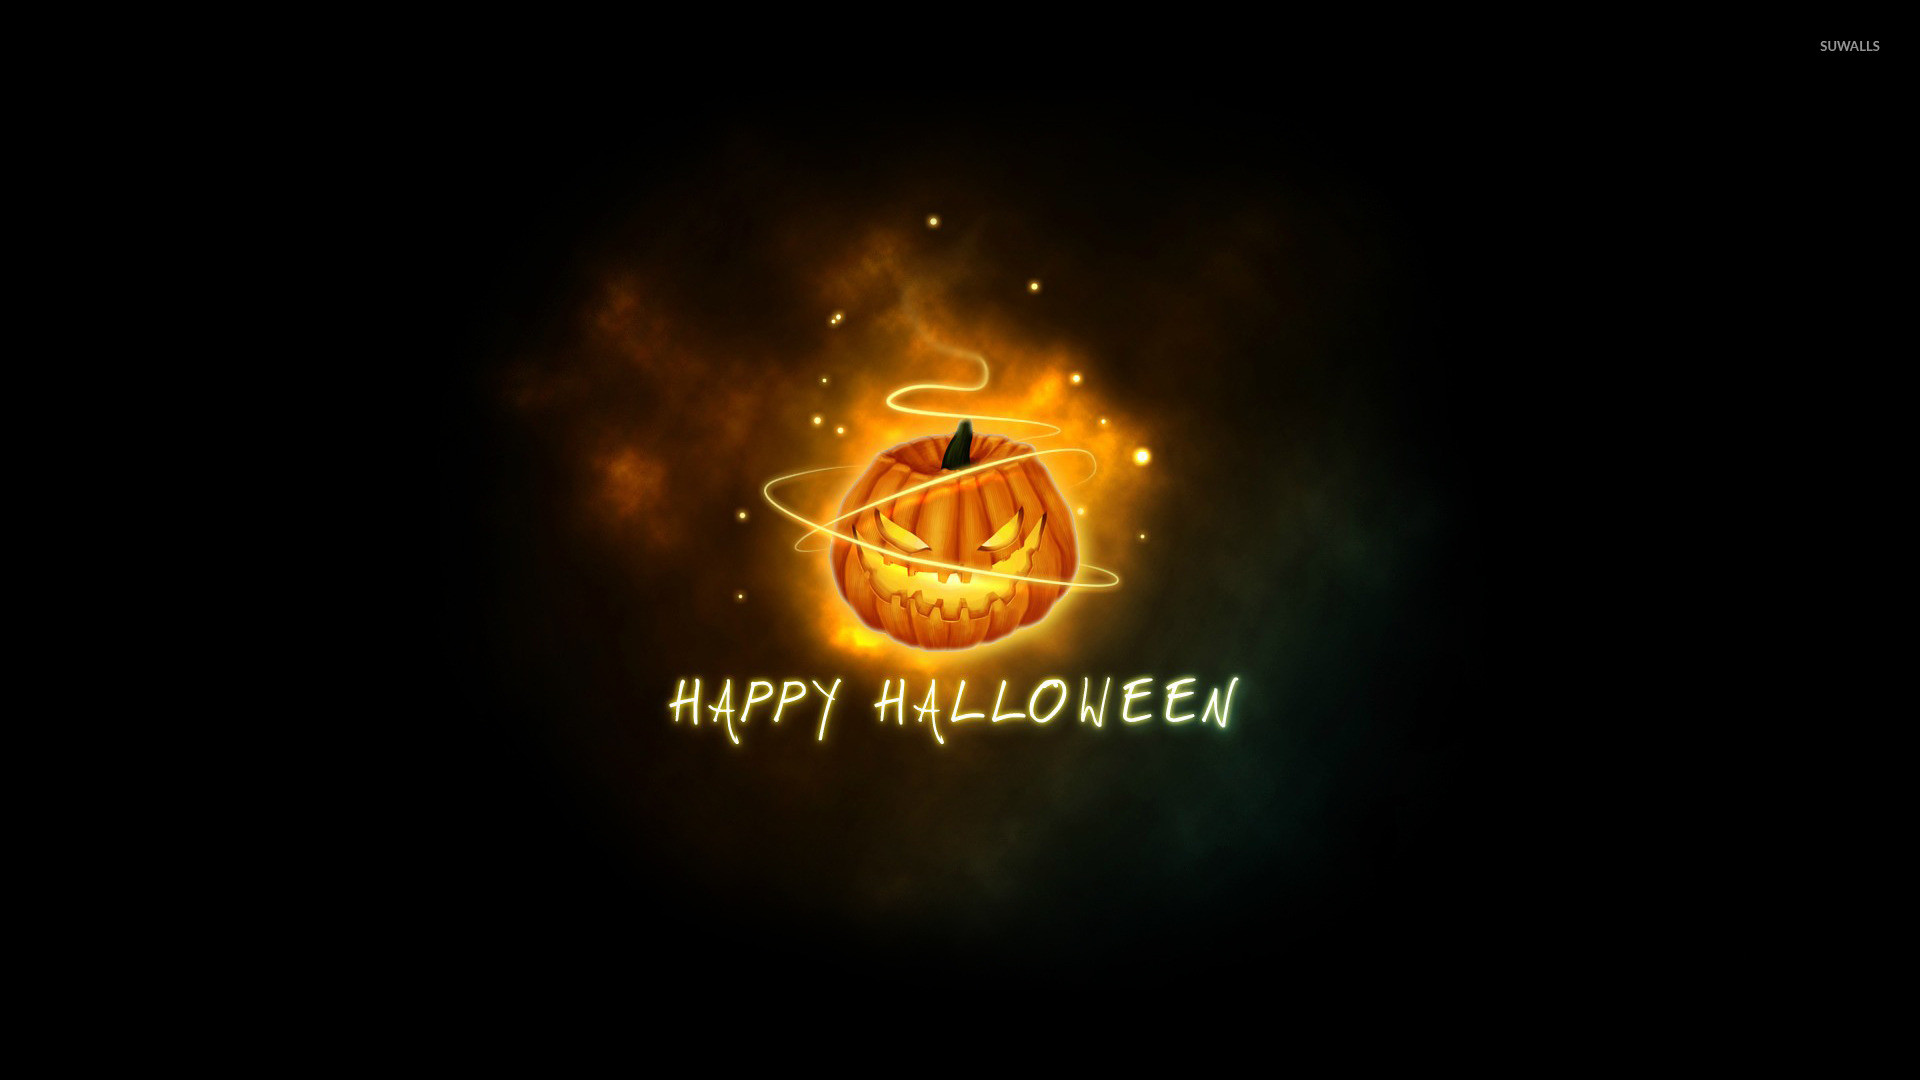 Happy Halloween [17] wallpaper jpg